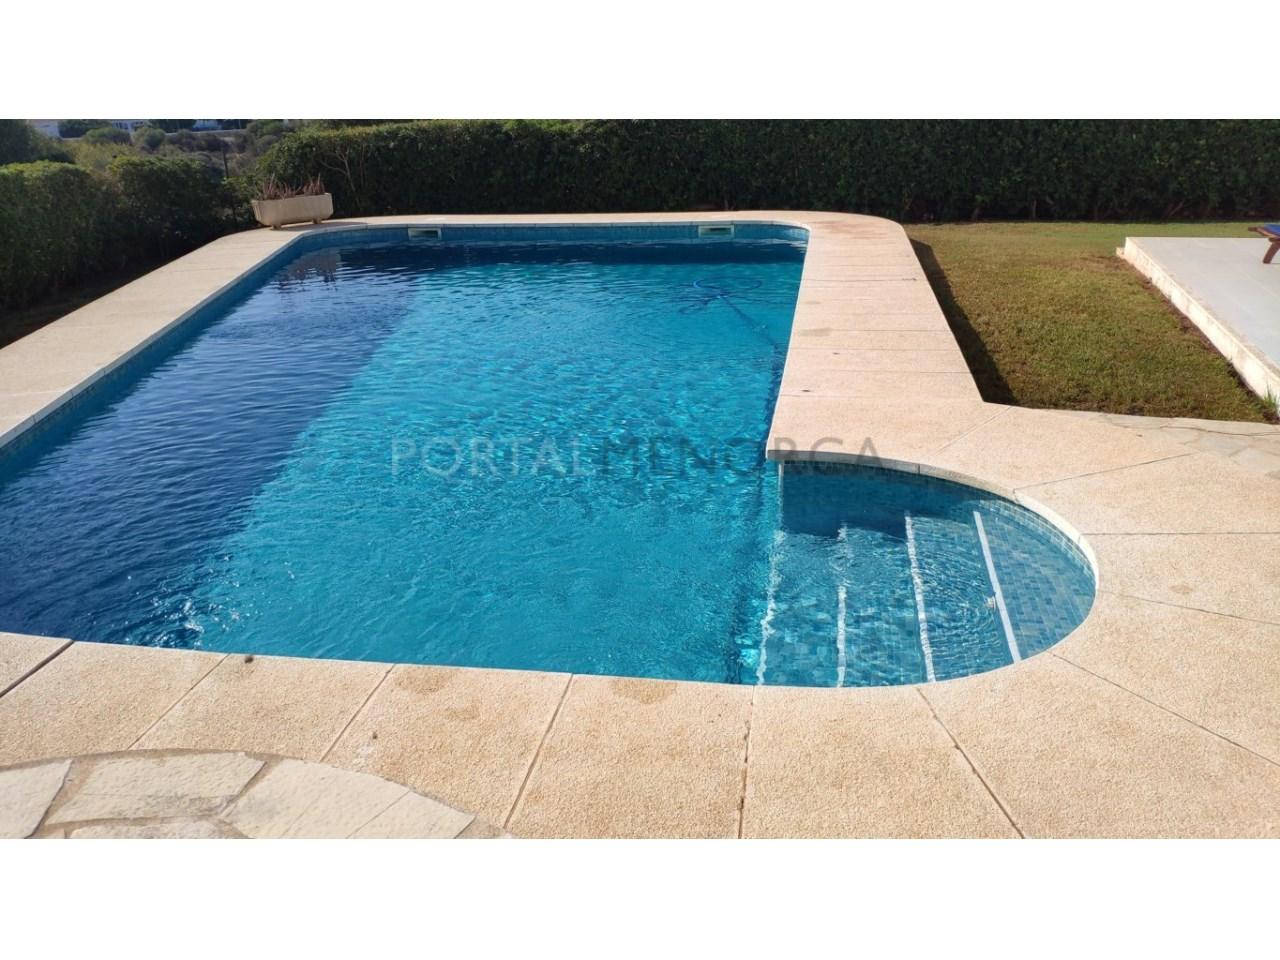 Chalet en venta en Calan Blanes con licencia turística Ciutadella Menorca - piscina